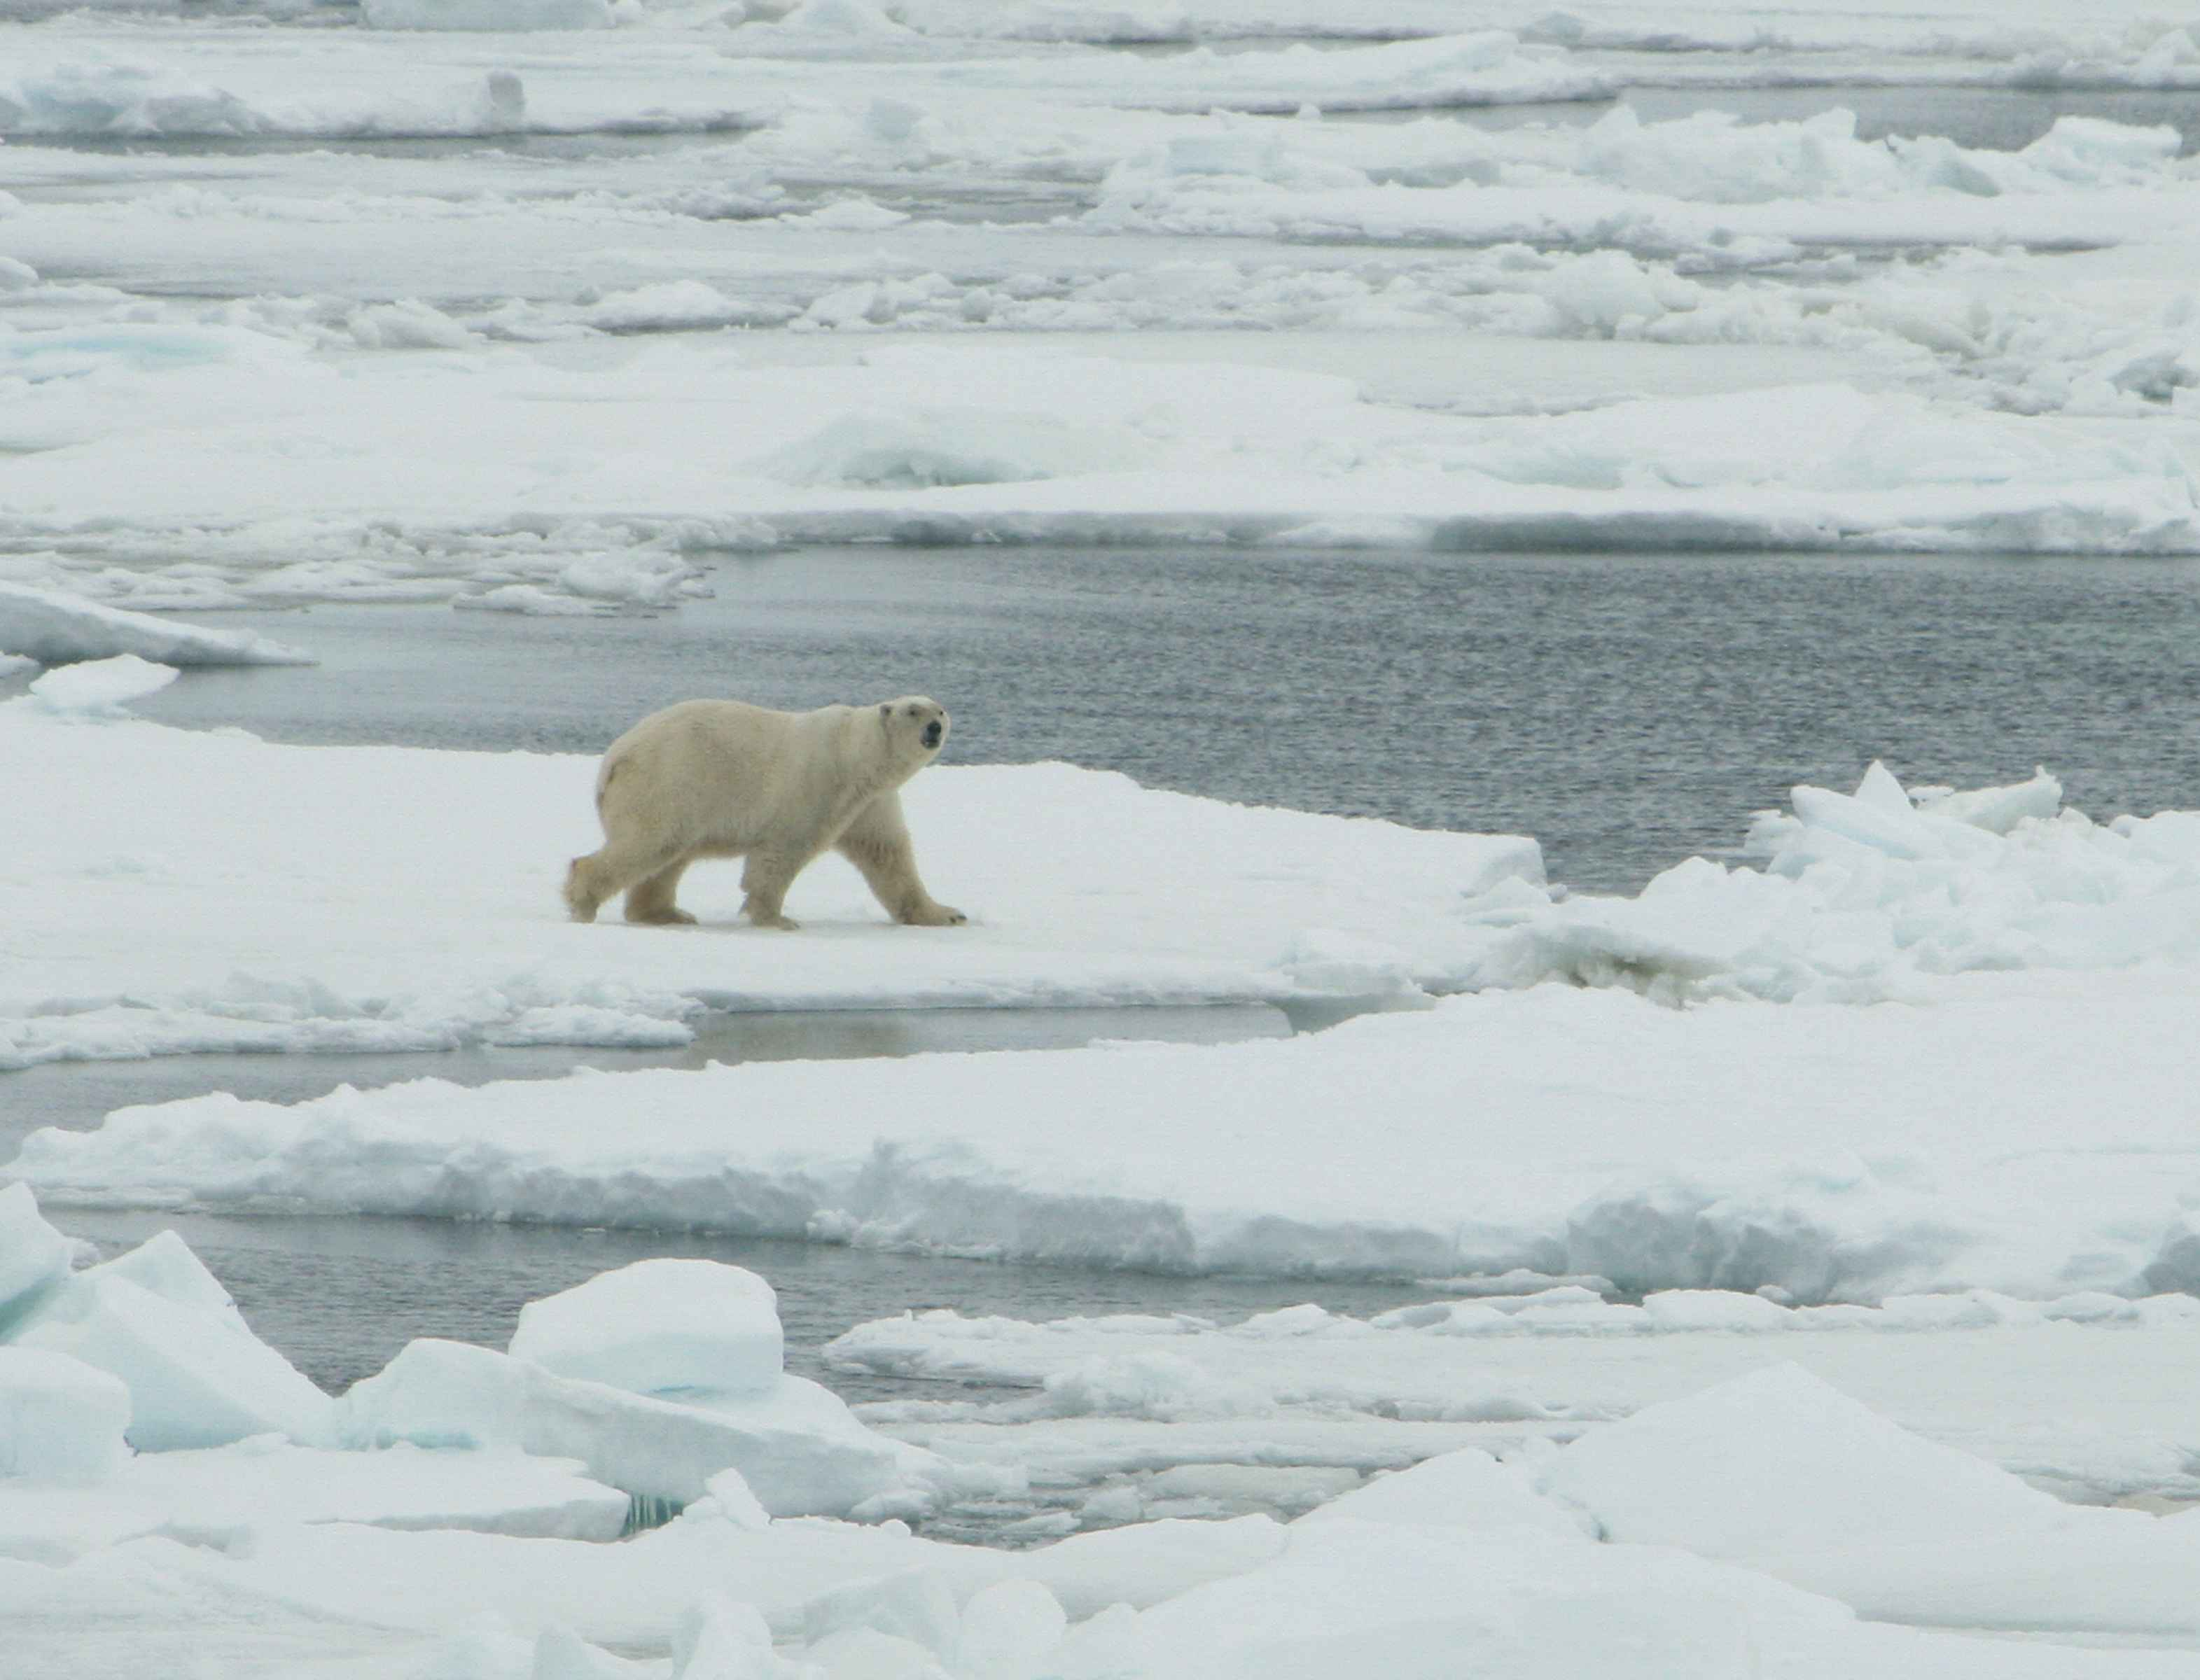 Polar Bear With Blue Star Dog Toy